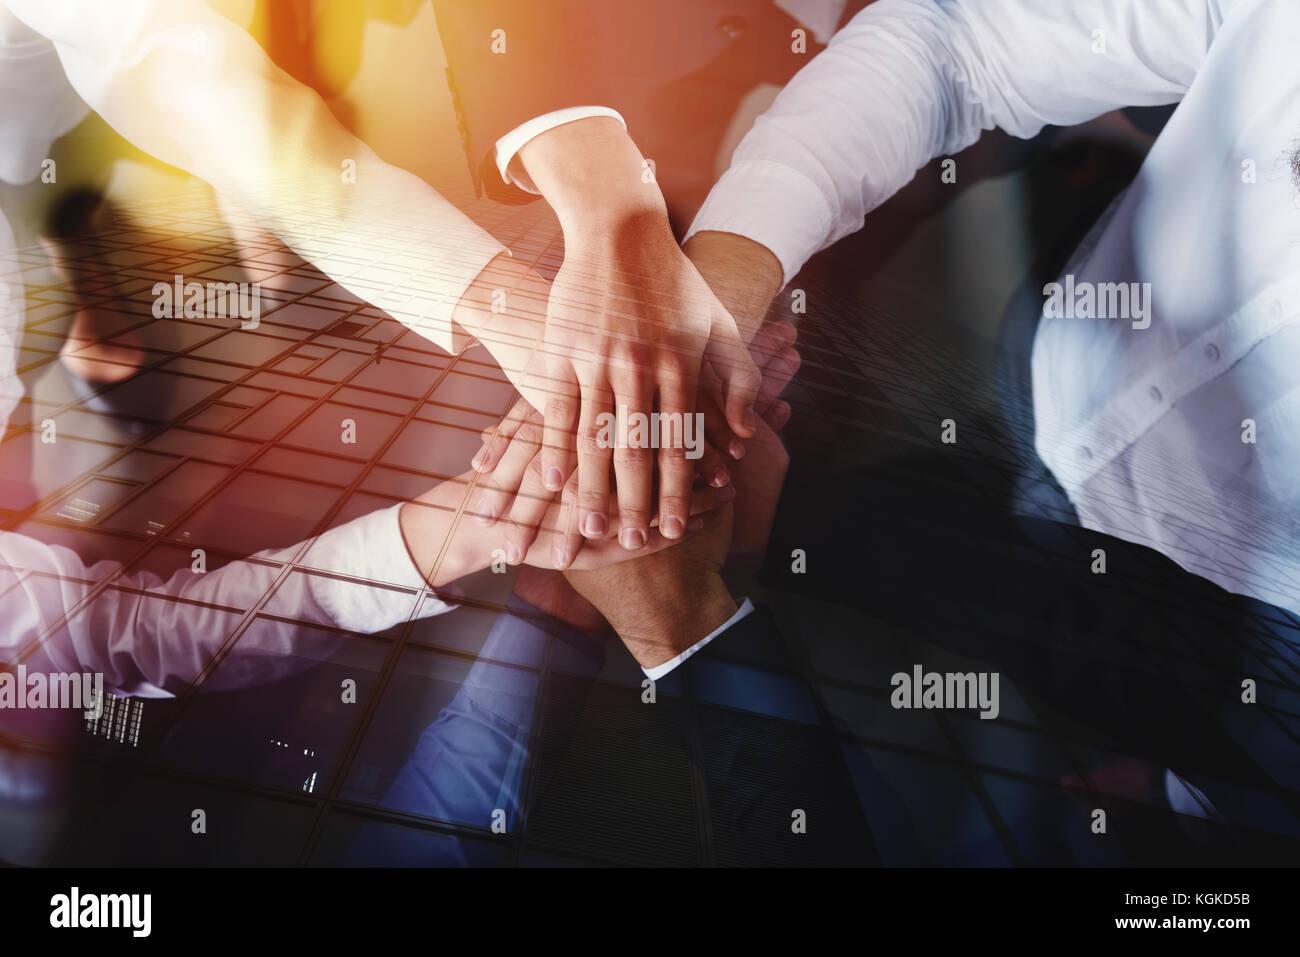 Joindre les mains des gens d'affaires au bureau. concept d'équipe et partenariat. double exposition Photo Stock